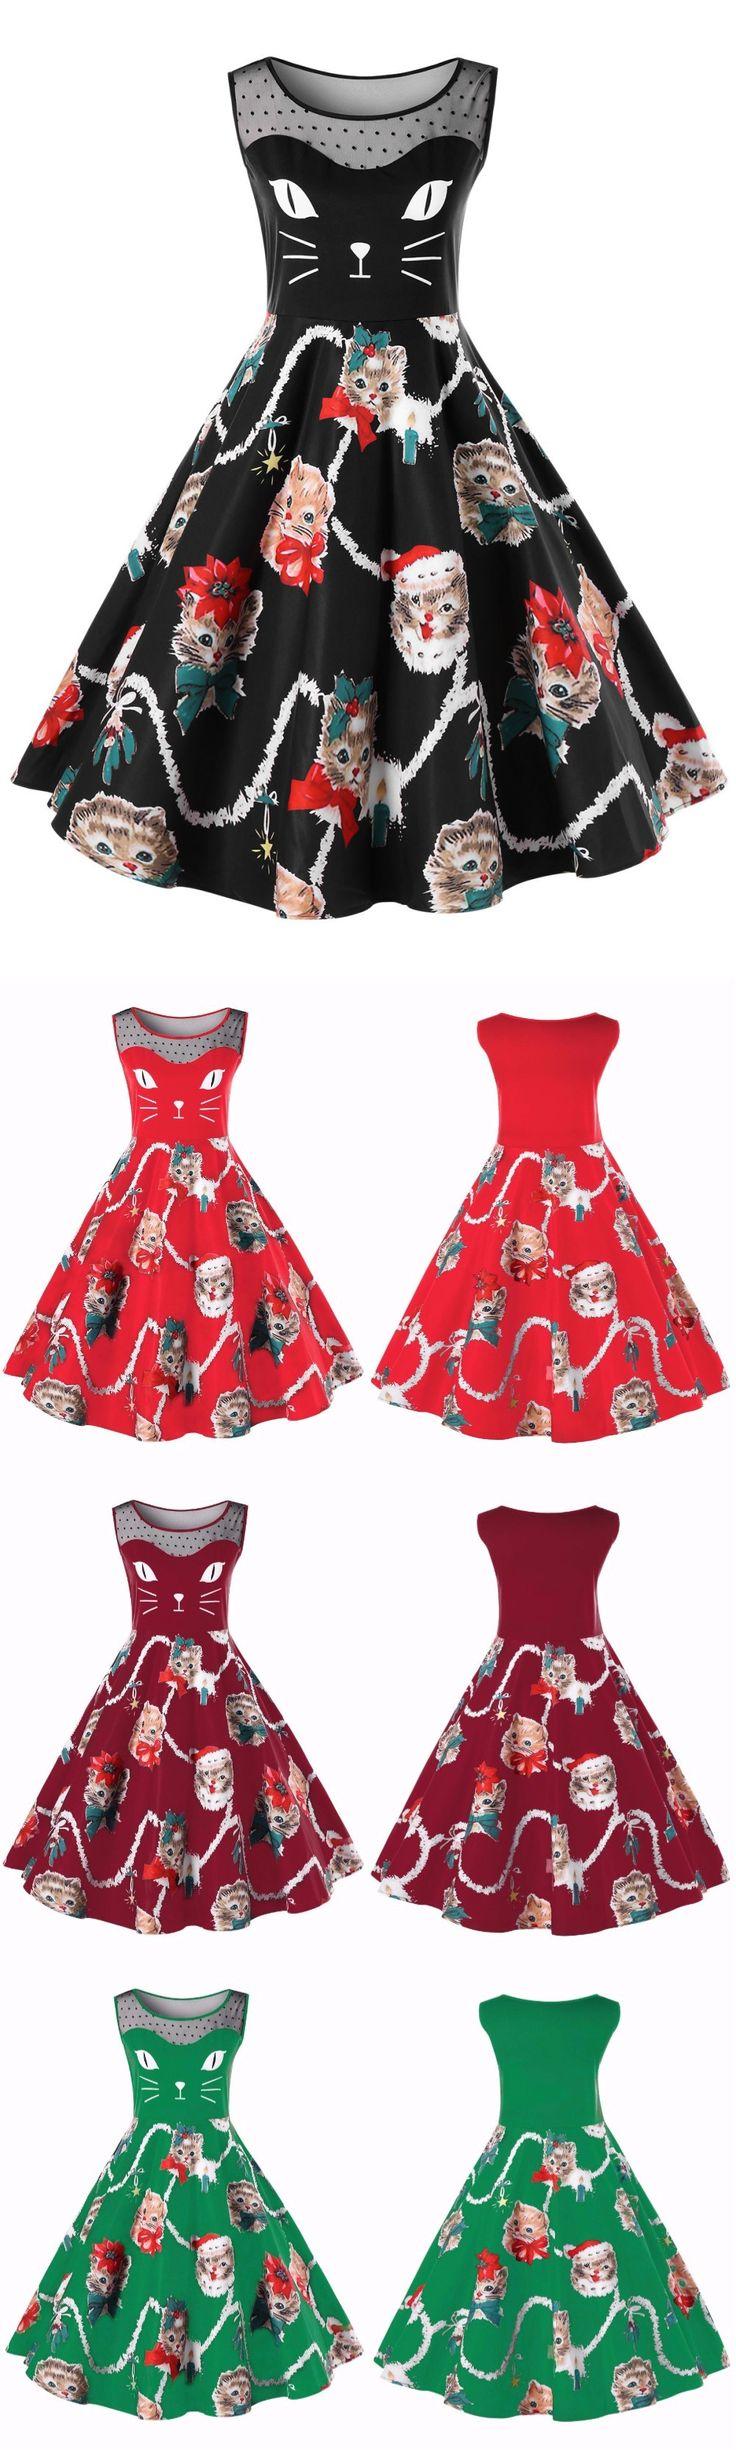 #PlusSize #Kitten #Dress